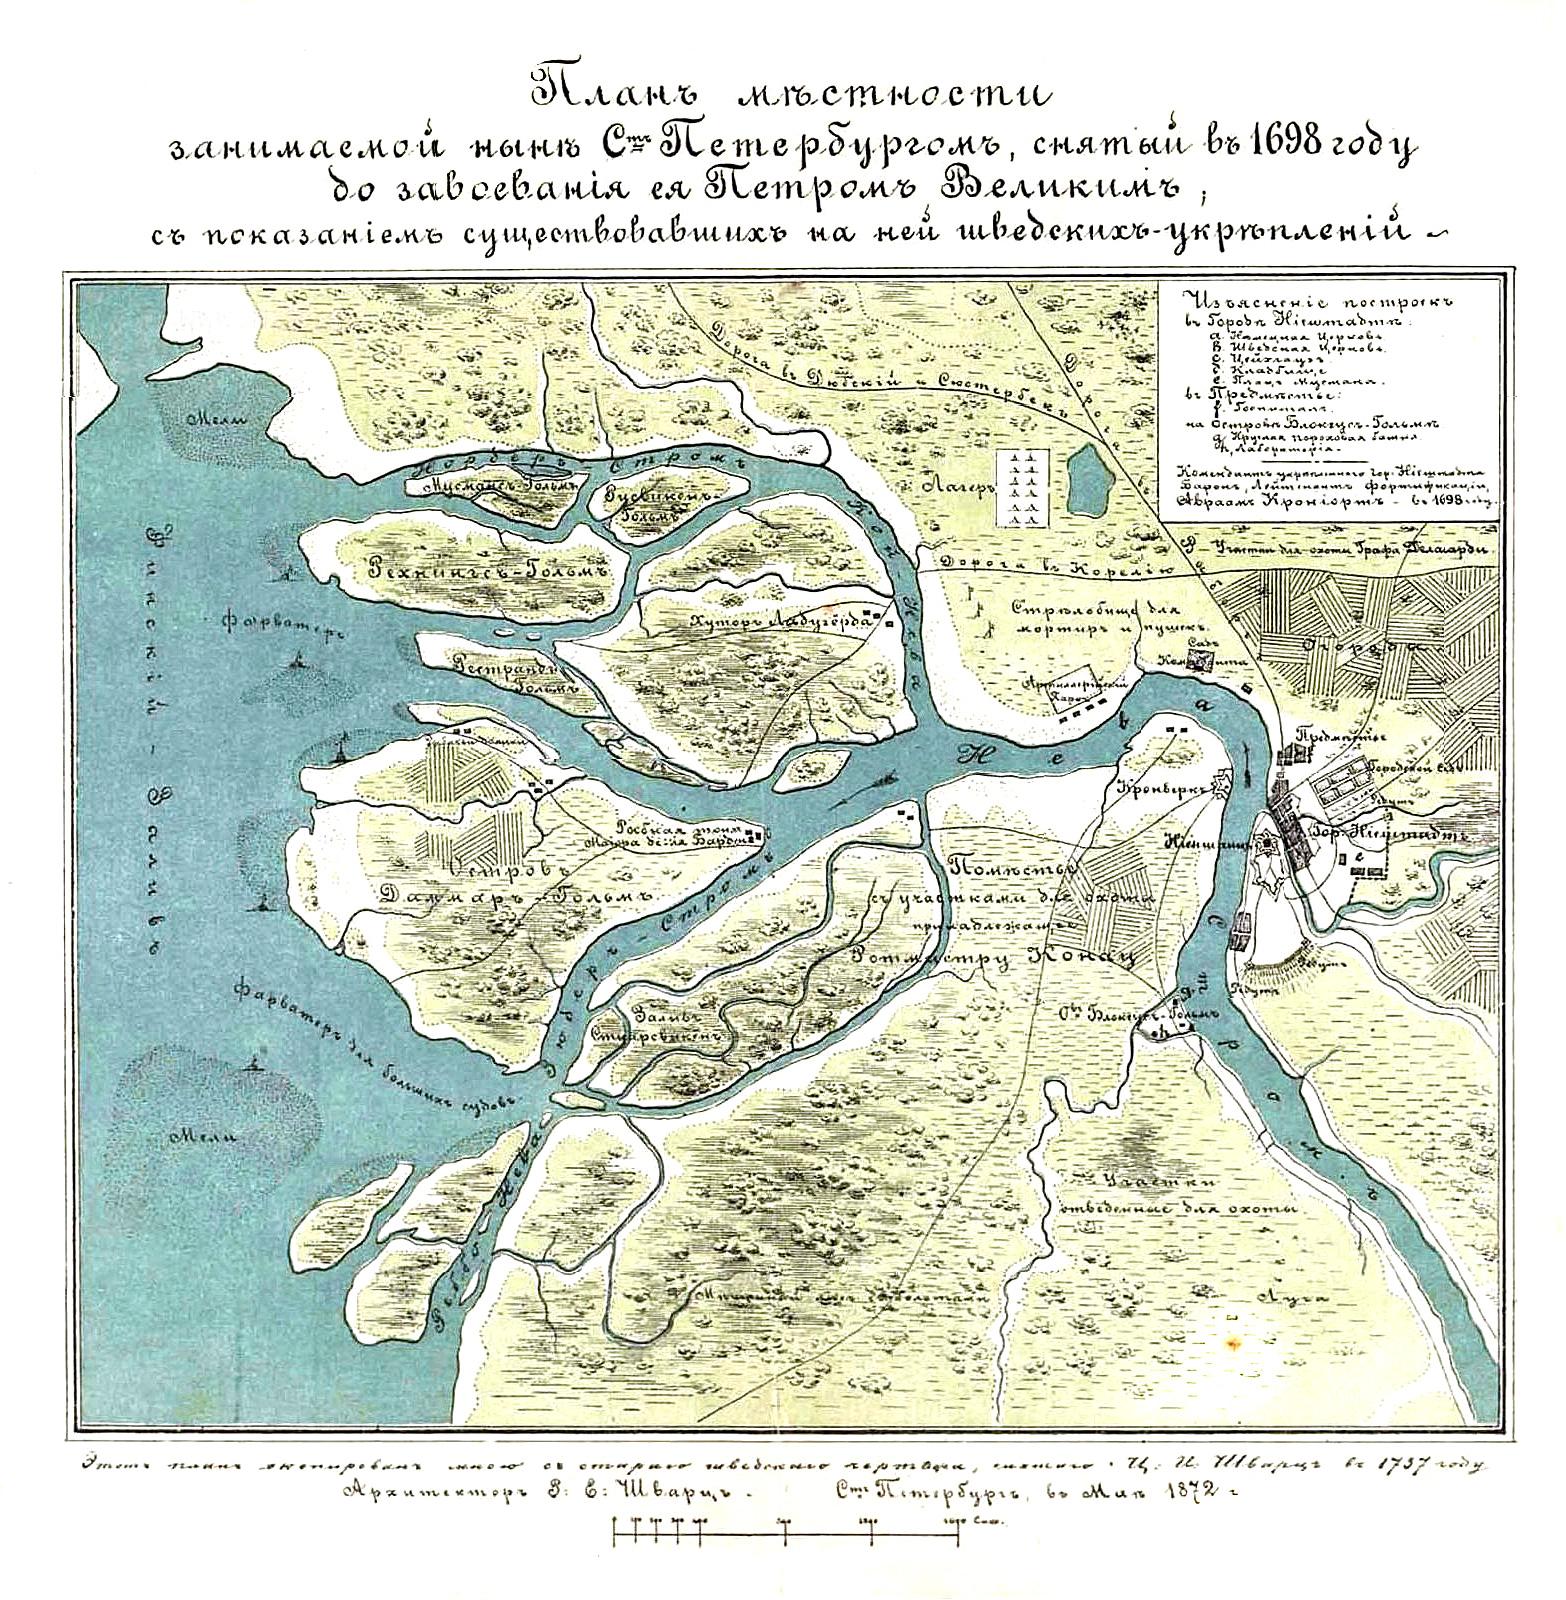 1698. План местности, занимаемой ныне Санкт-Петербургом, снятый в 1698 г, до завоевания её Петром Великим, с показанием существовавших на ней шведских укреплений.